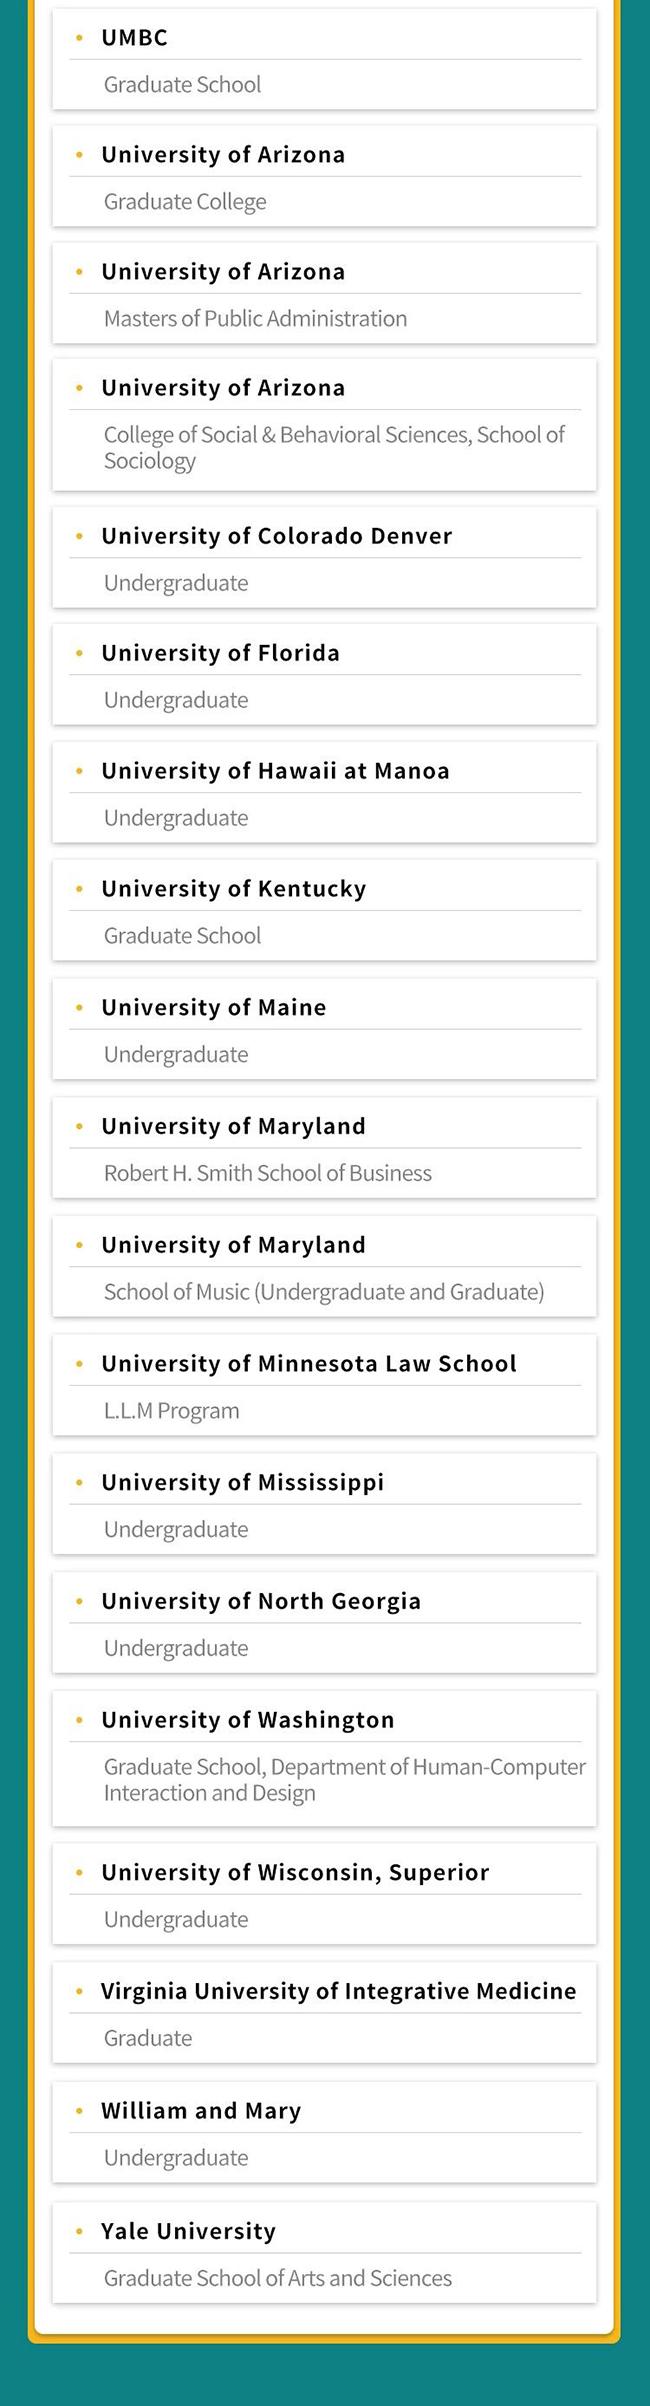 最新的全球所有接受MyBest™ Scores的学校名单